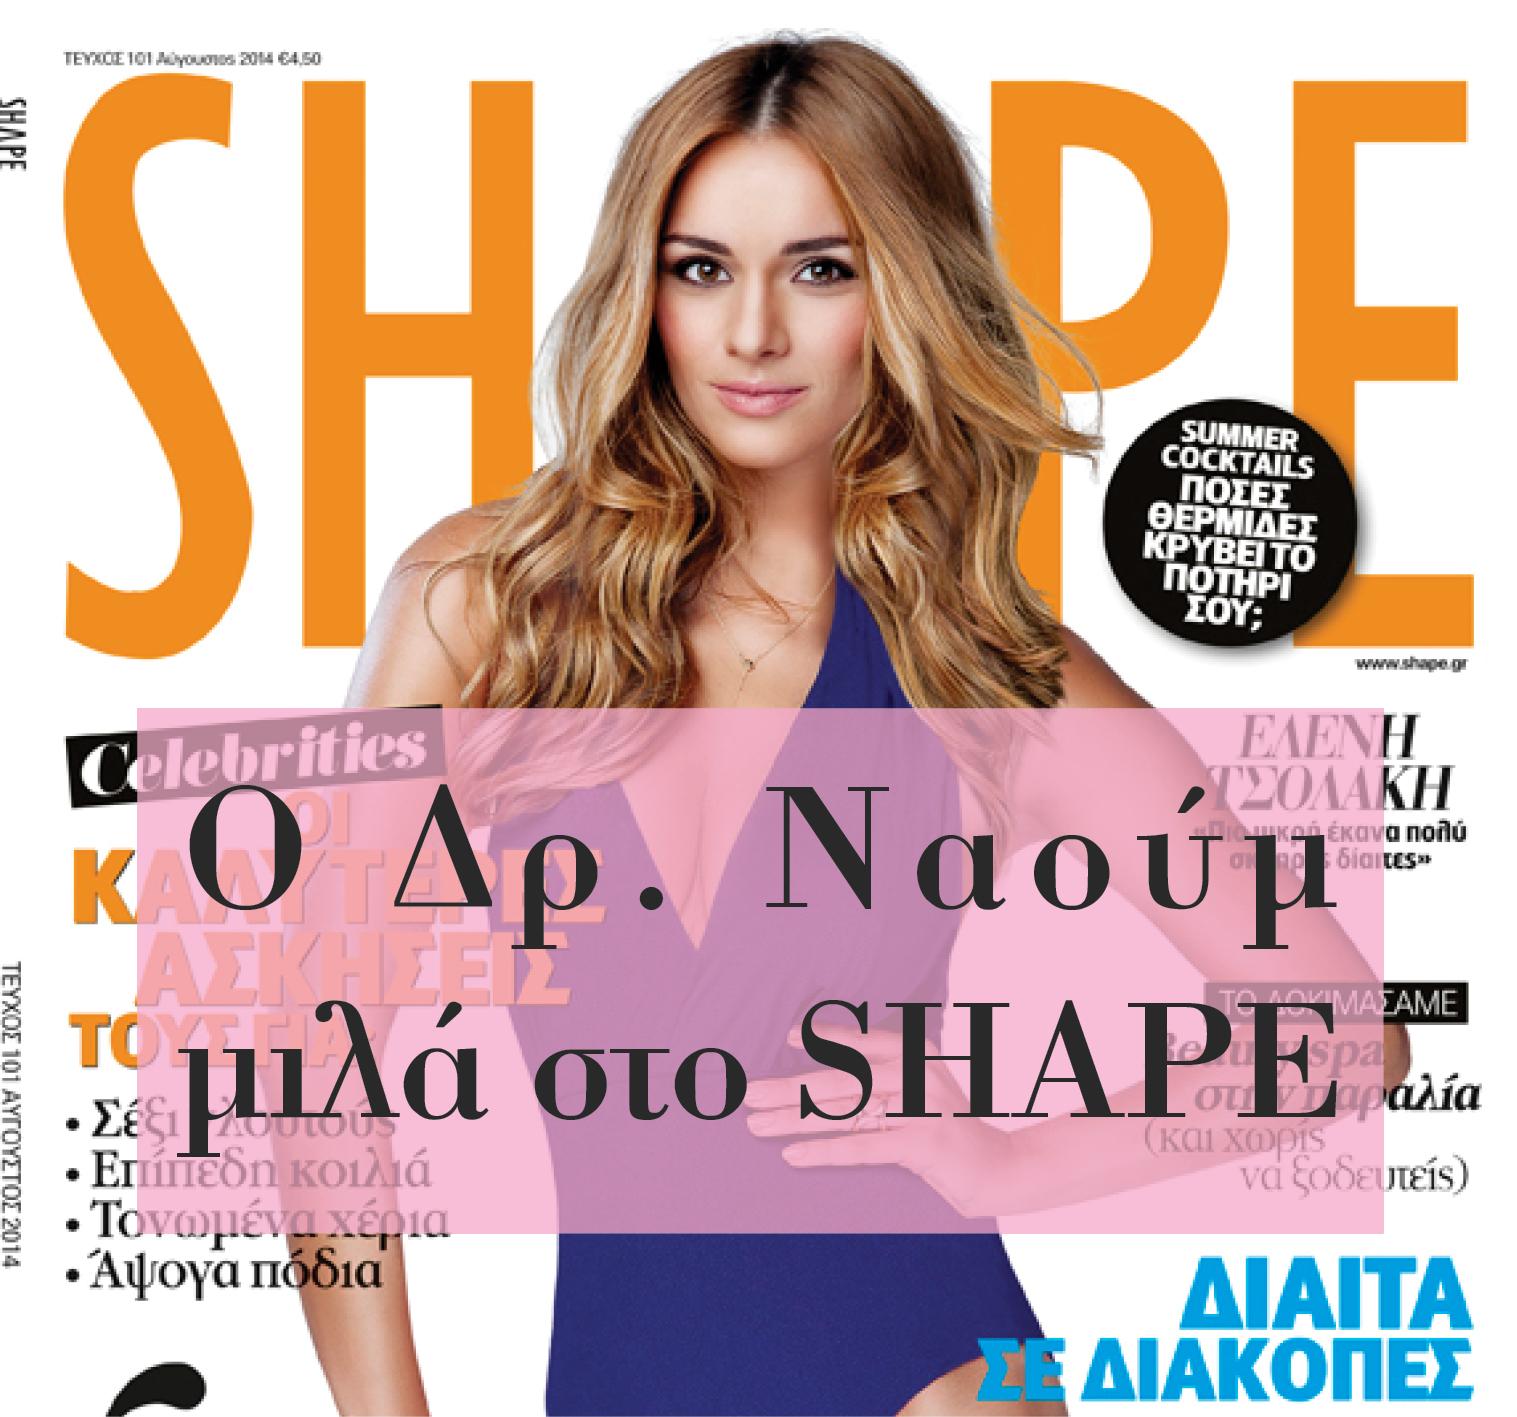 Μήπως Θέλεις... Γυναικολόγο για να Απολαύσεις το Σεξ:-Ο Dr. Νικόλαος Ναούμ μιλά στο περιοδικό Shape